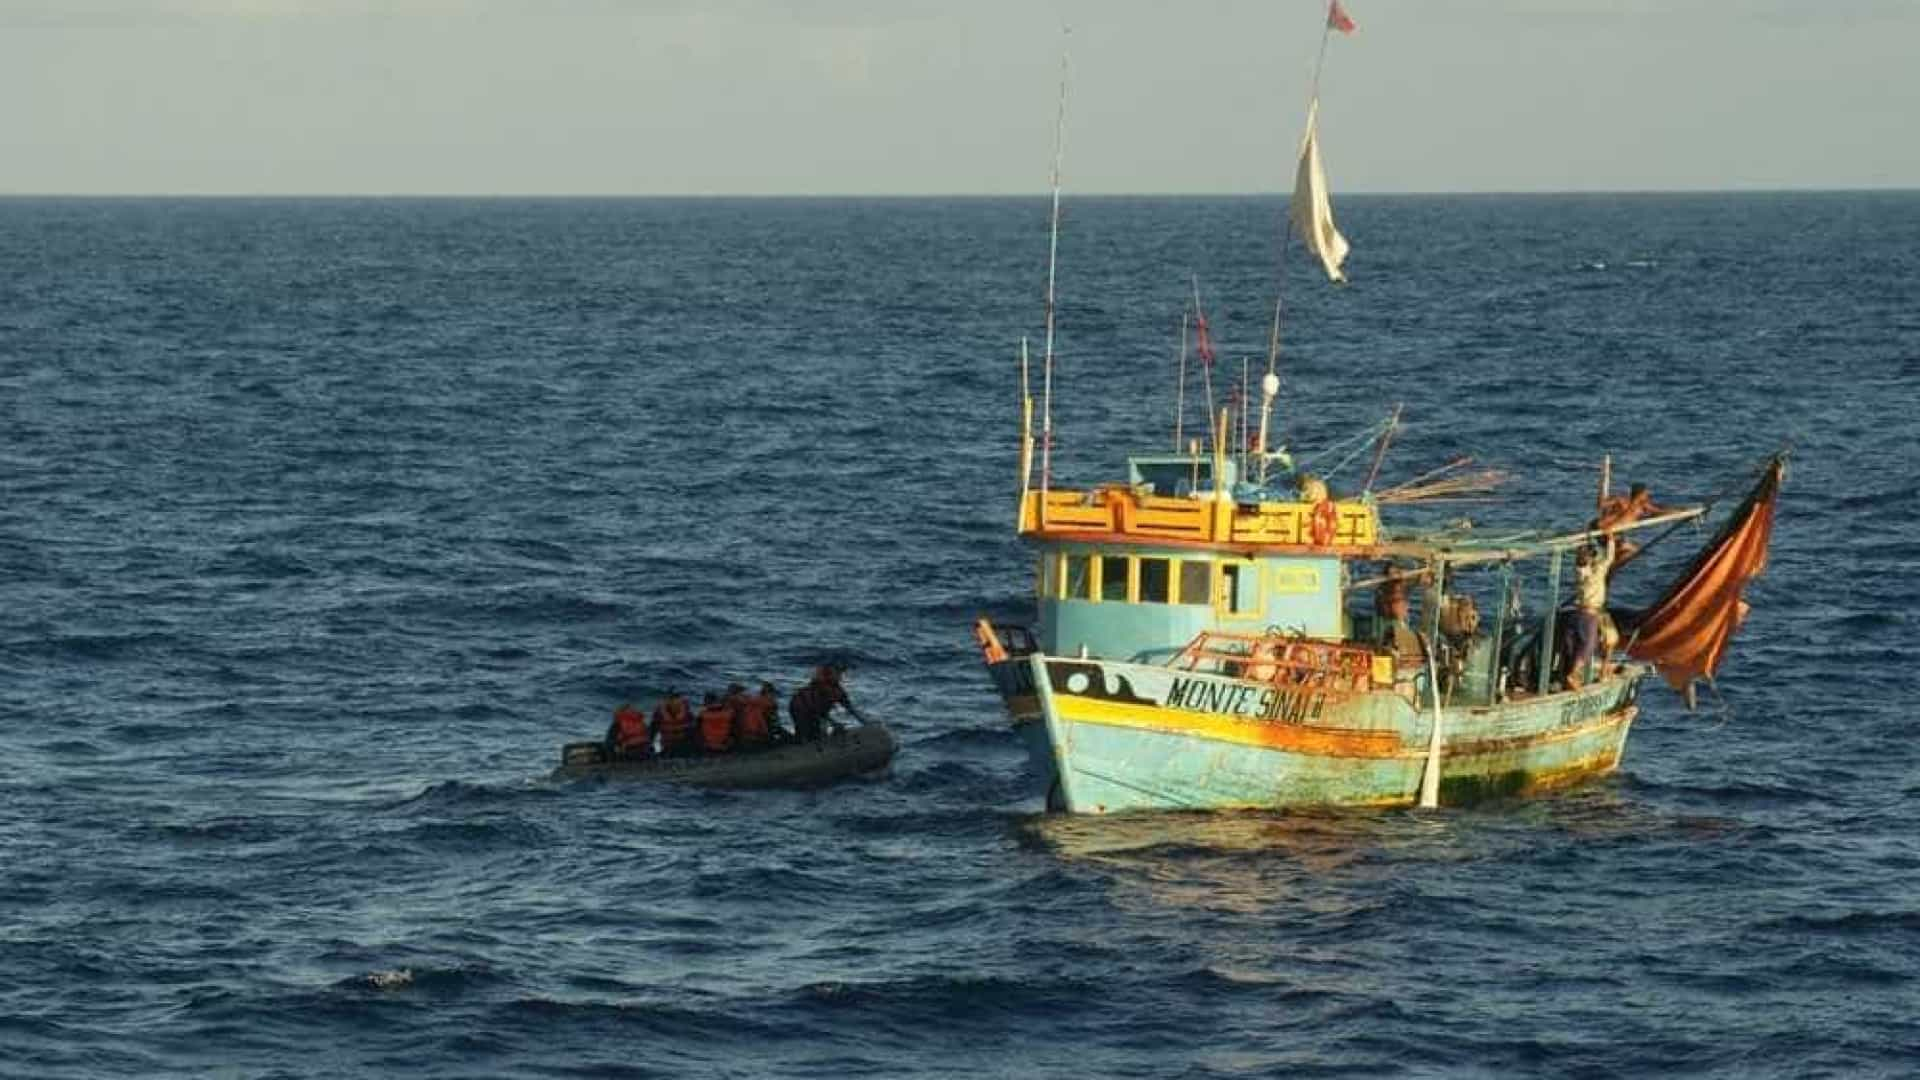 Pescadores à deriva são resgatados na costa potiguar após quatro dias